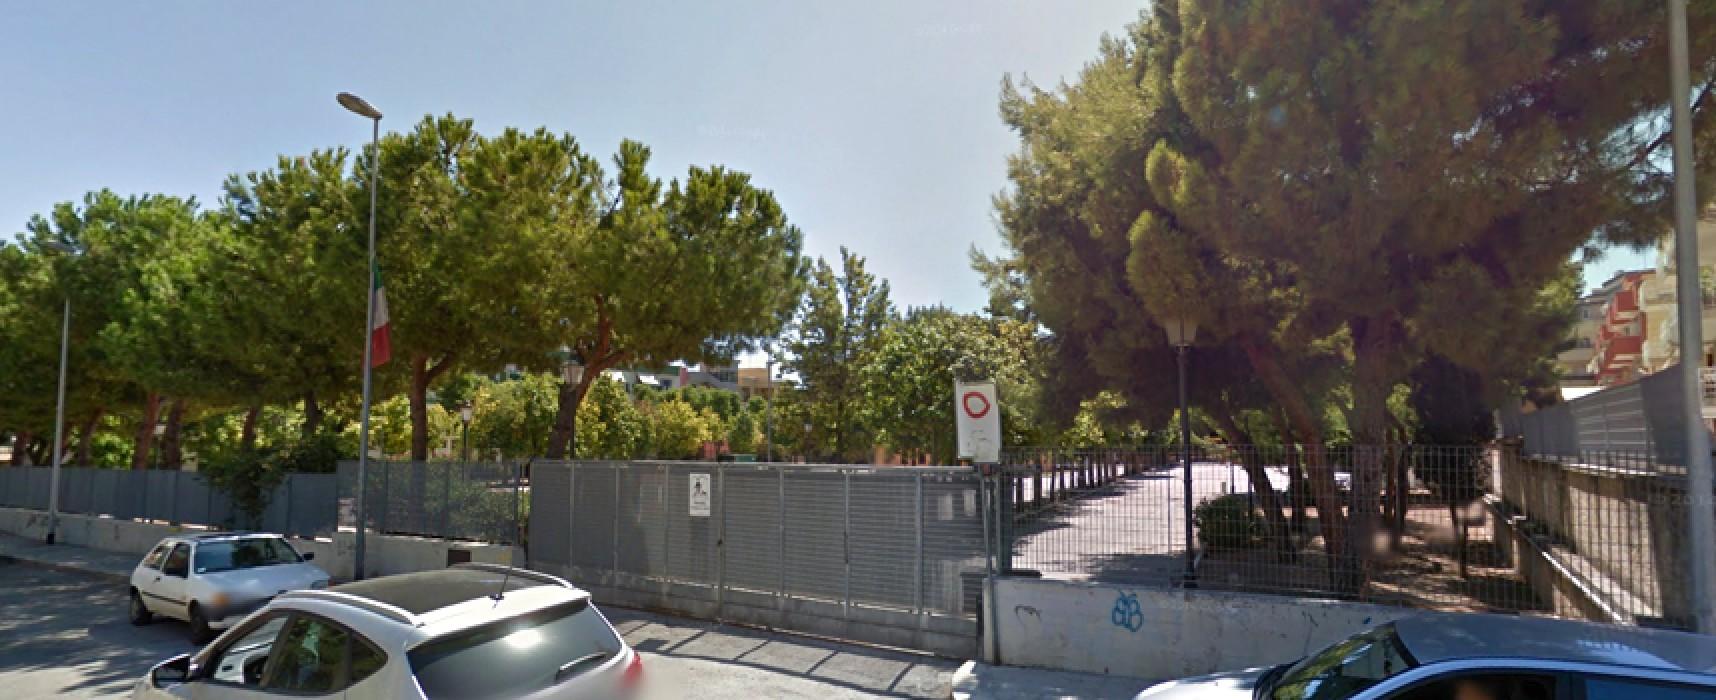 """Parco Comunale """"Caduti di Nassirya"""" affidato per cinque anni alla Parrocchia Maria SS. della Misericordia"""